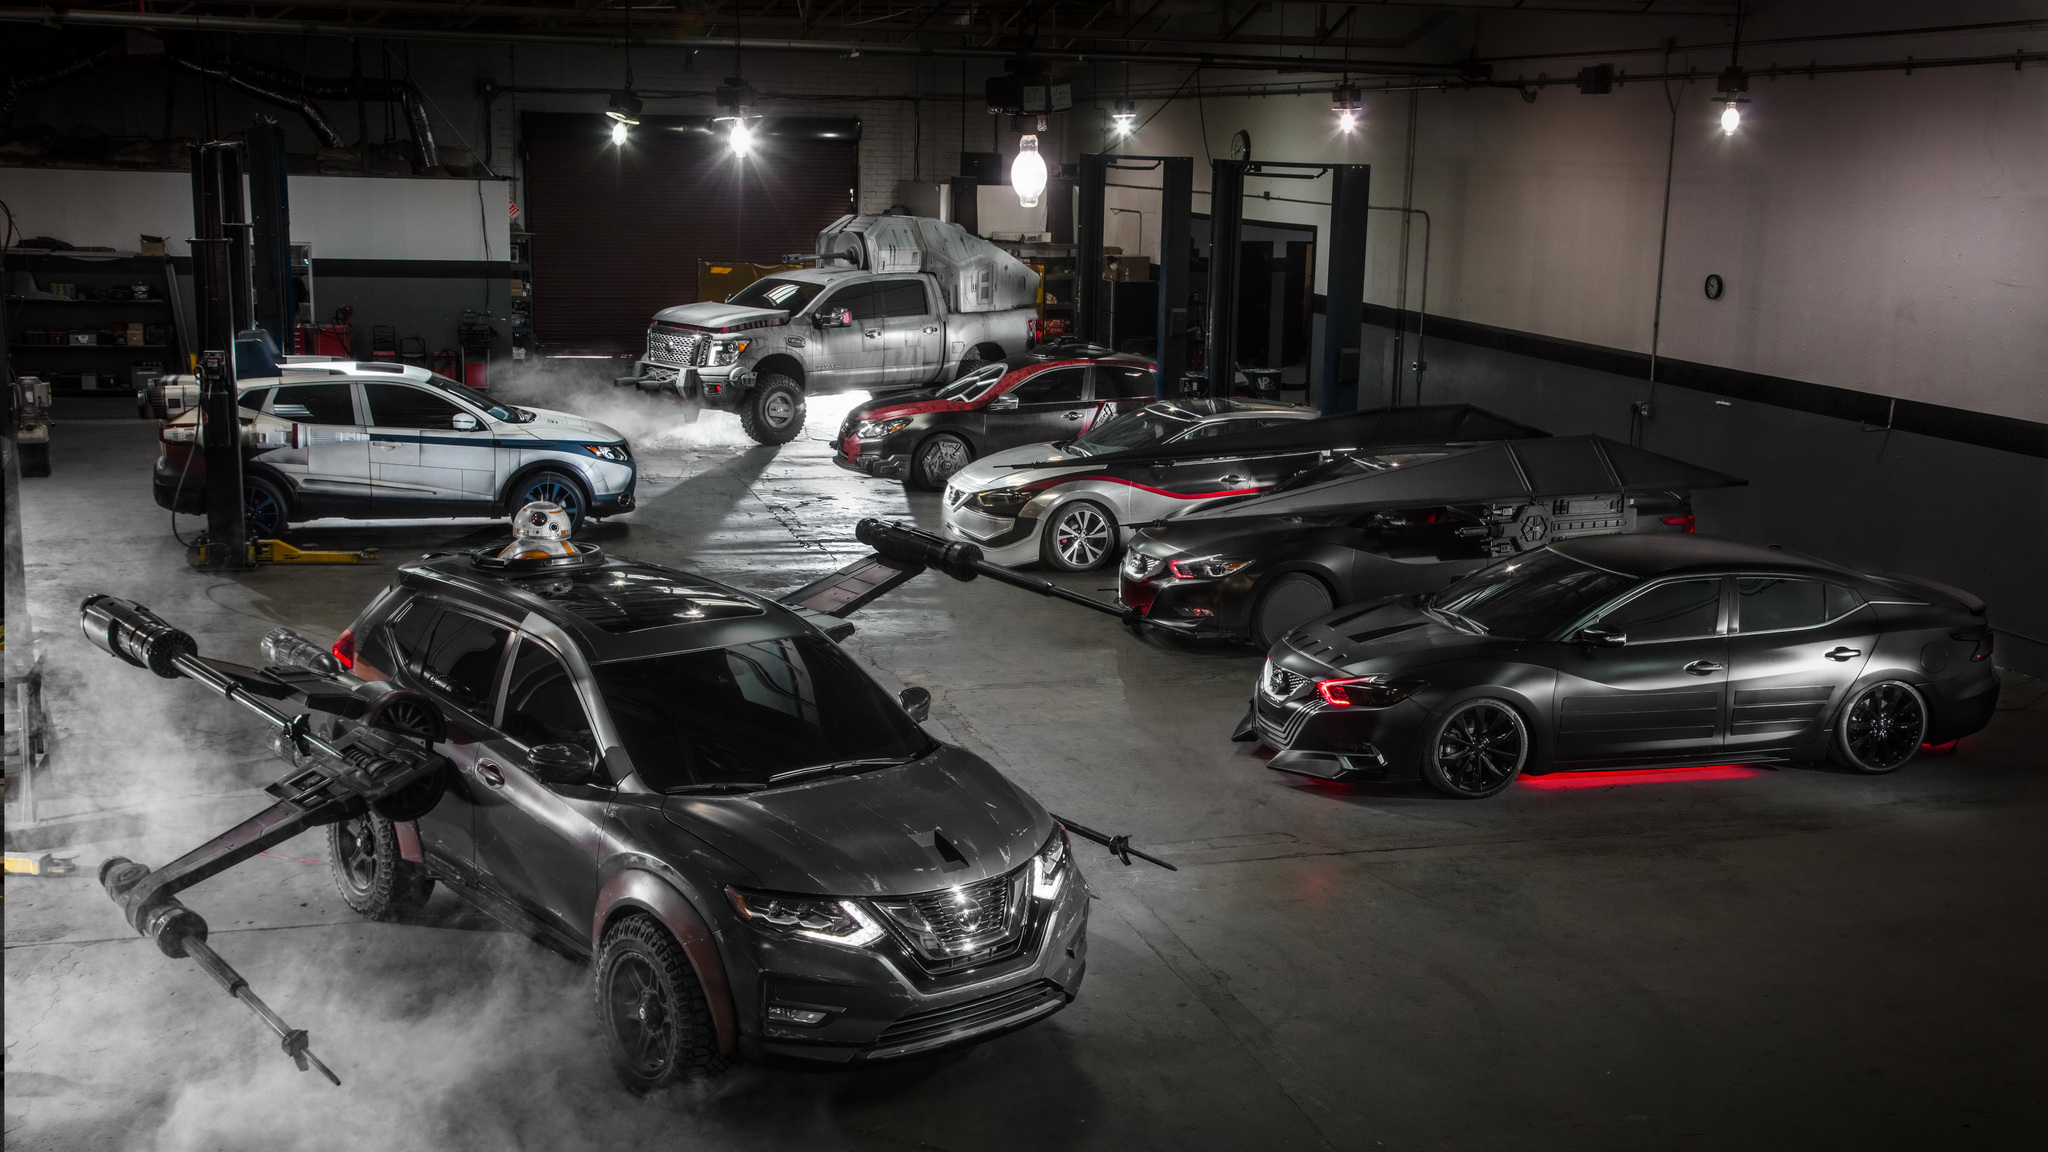 2048x1152 Star Wars Nissan Cars 2048x1152 Resolution Hd 4k